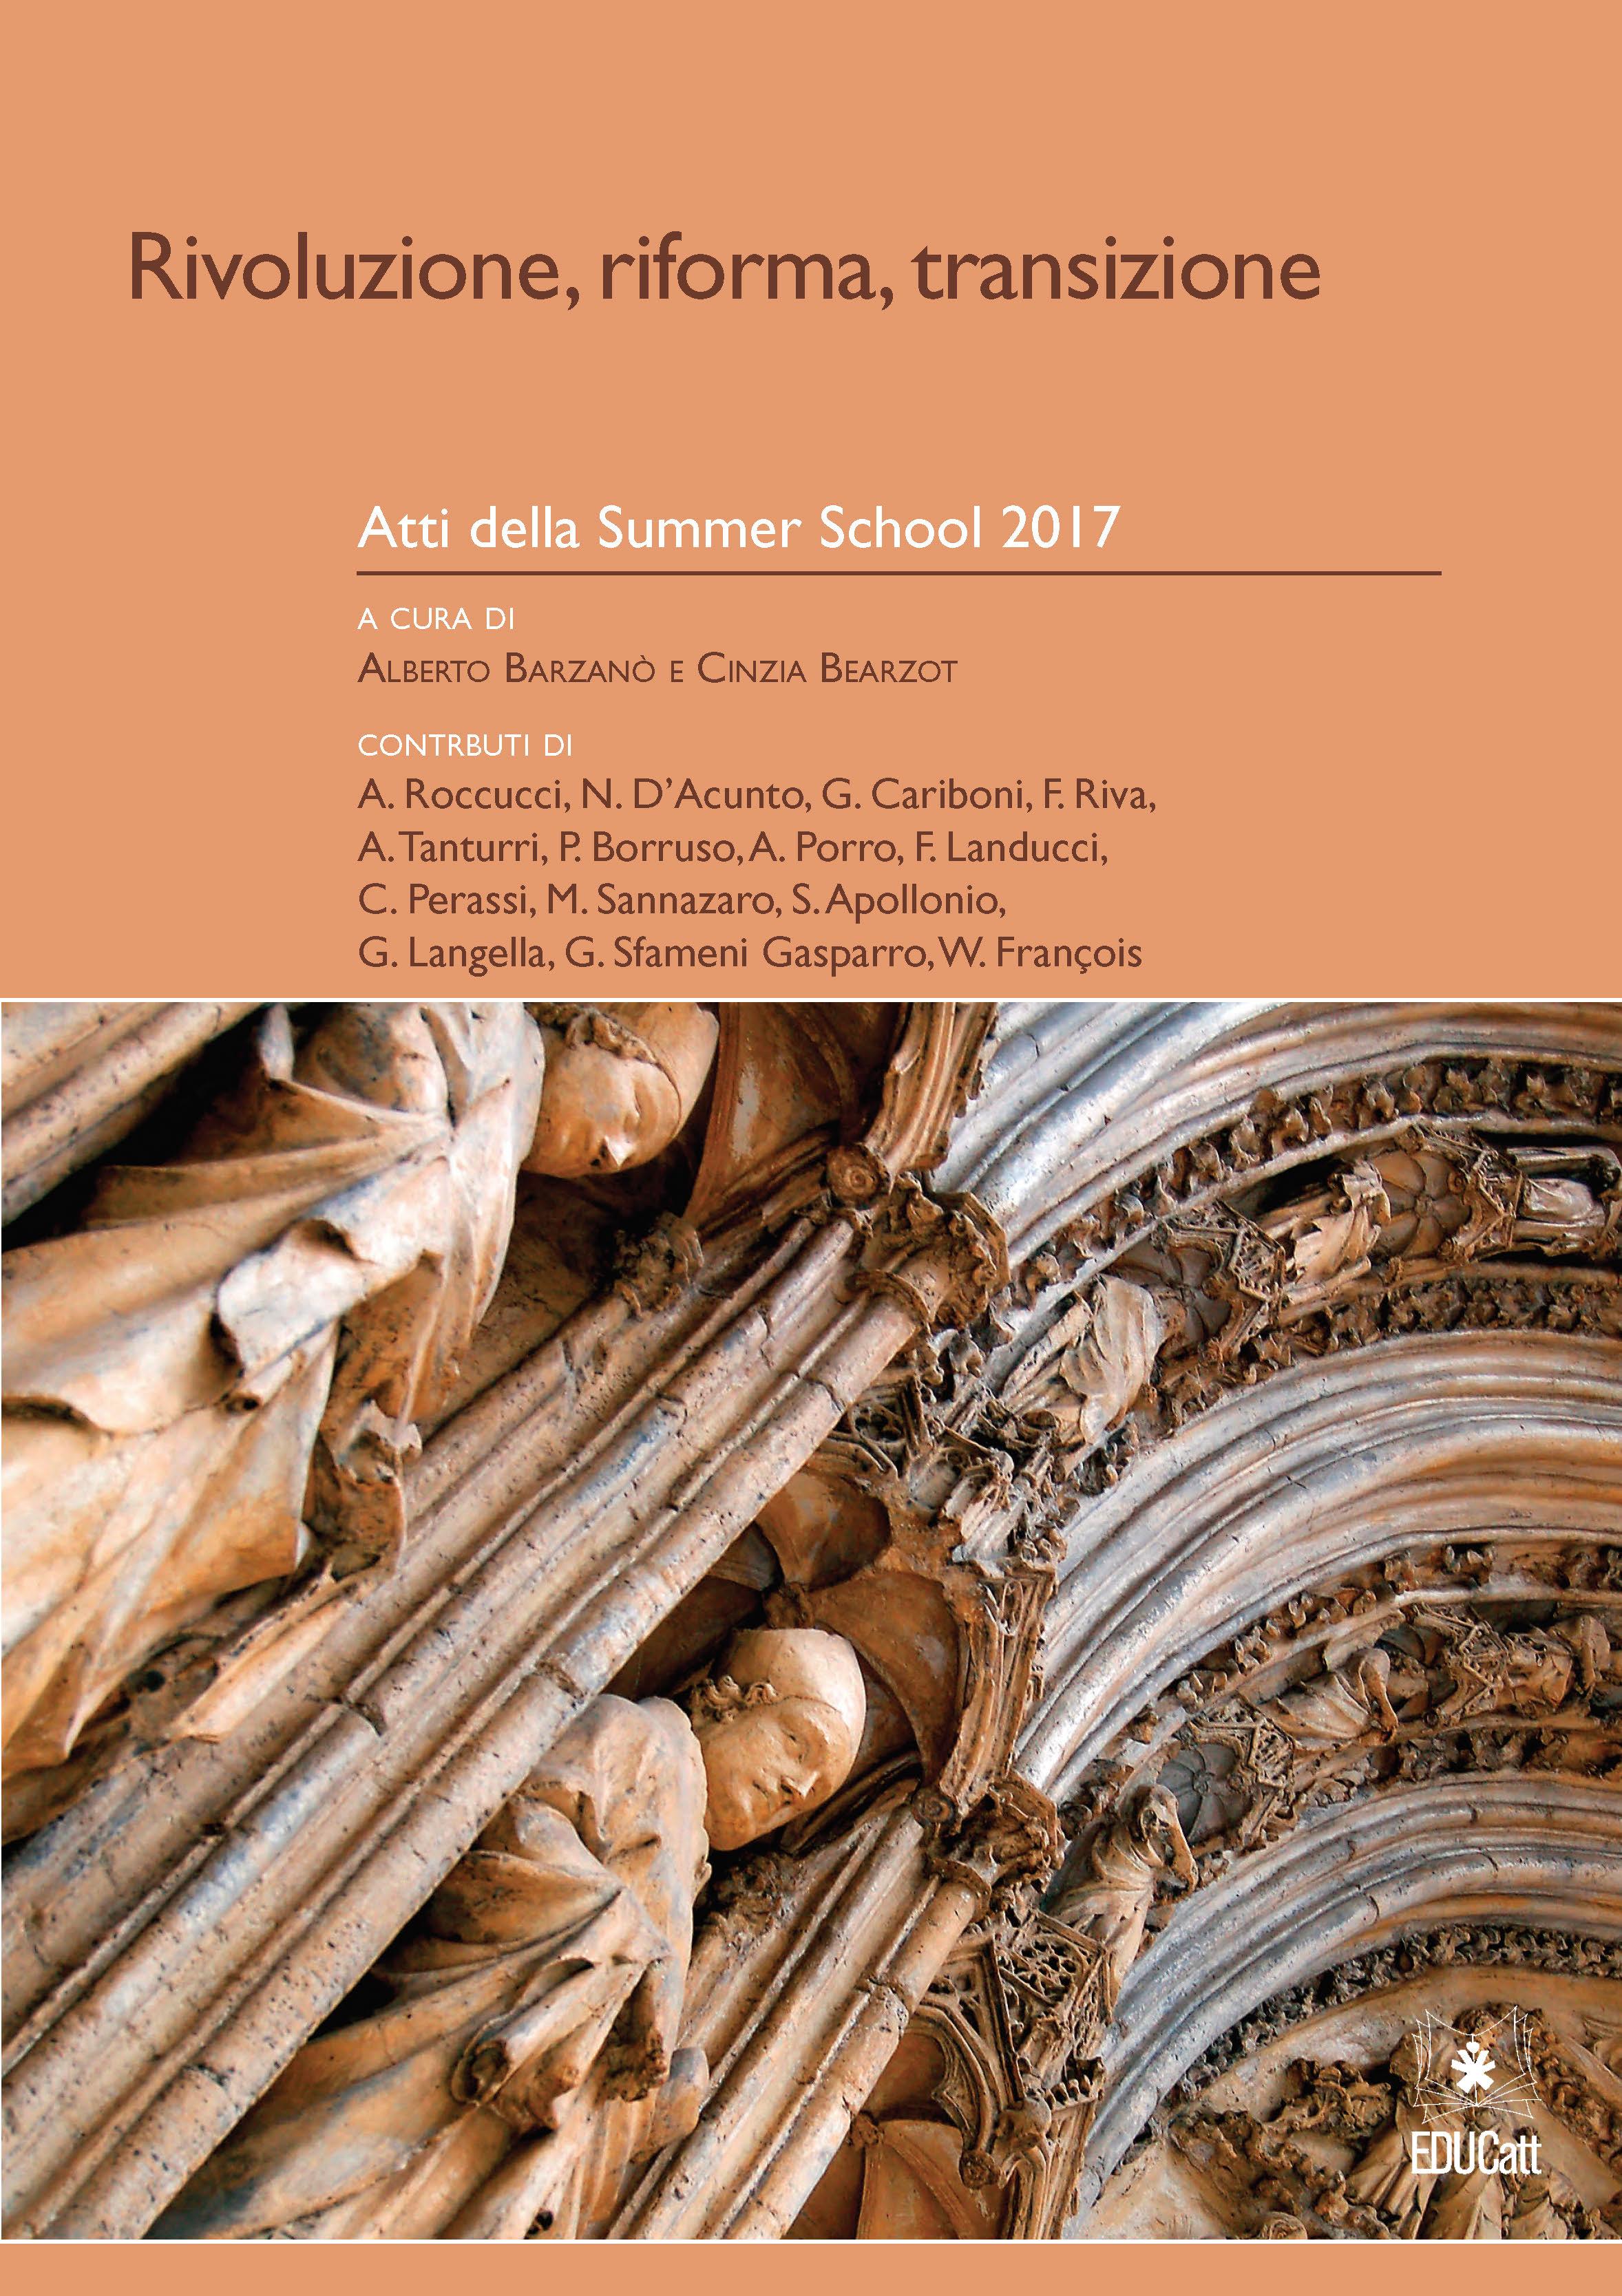 RIVOLUZIONE, RIFORMA, TRANSIZIONE. ATTI DELLA SUMMER SCHOOL 2017